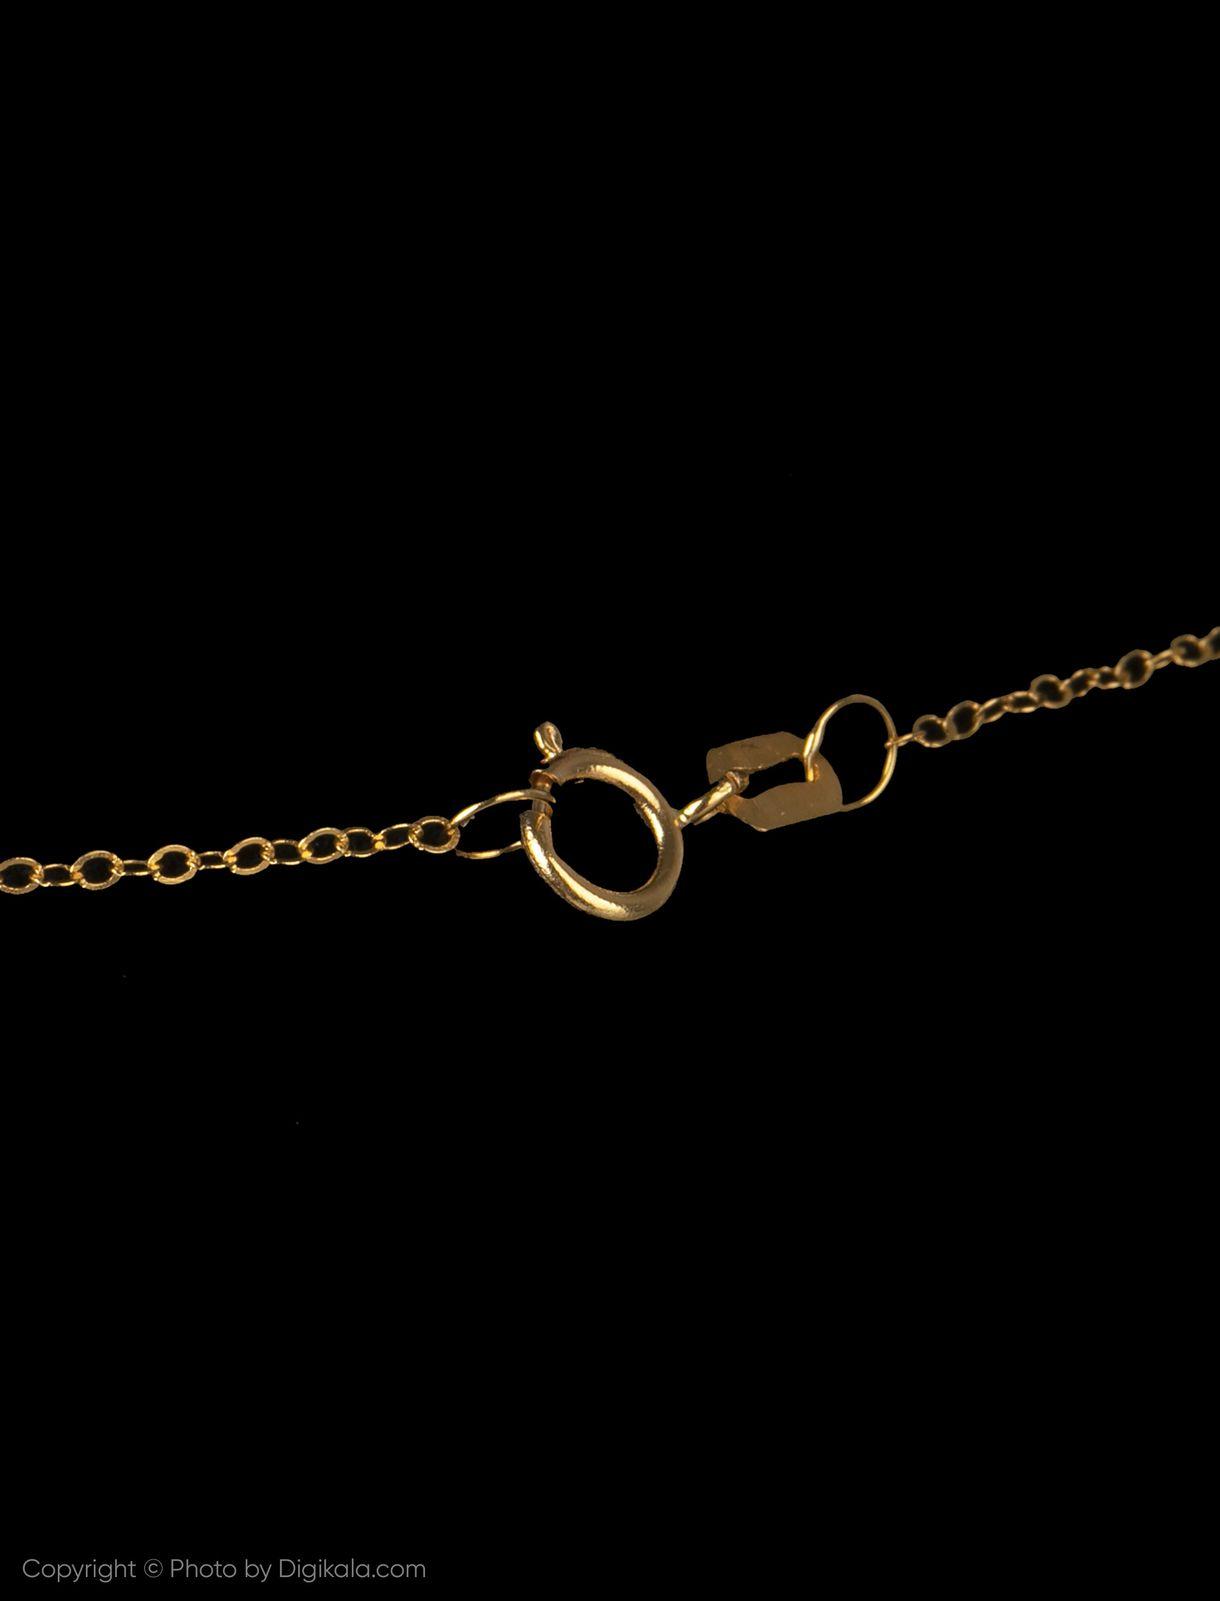 گردنبند طلا 18 عیار زنانه مایا ماهک مدل MM0959 main 1 2